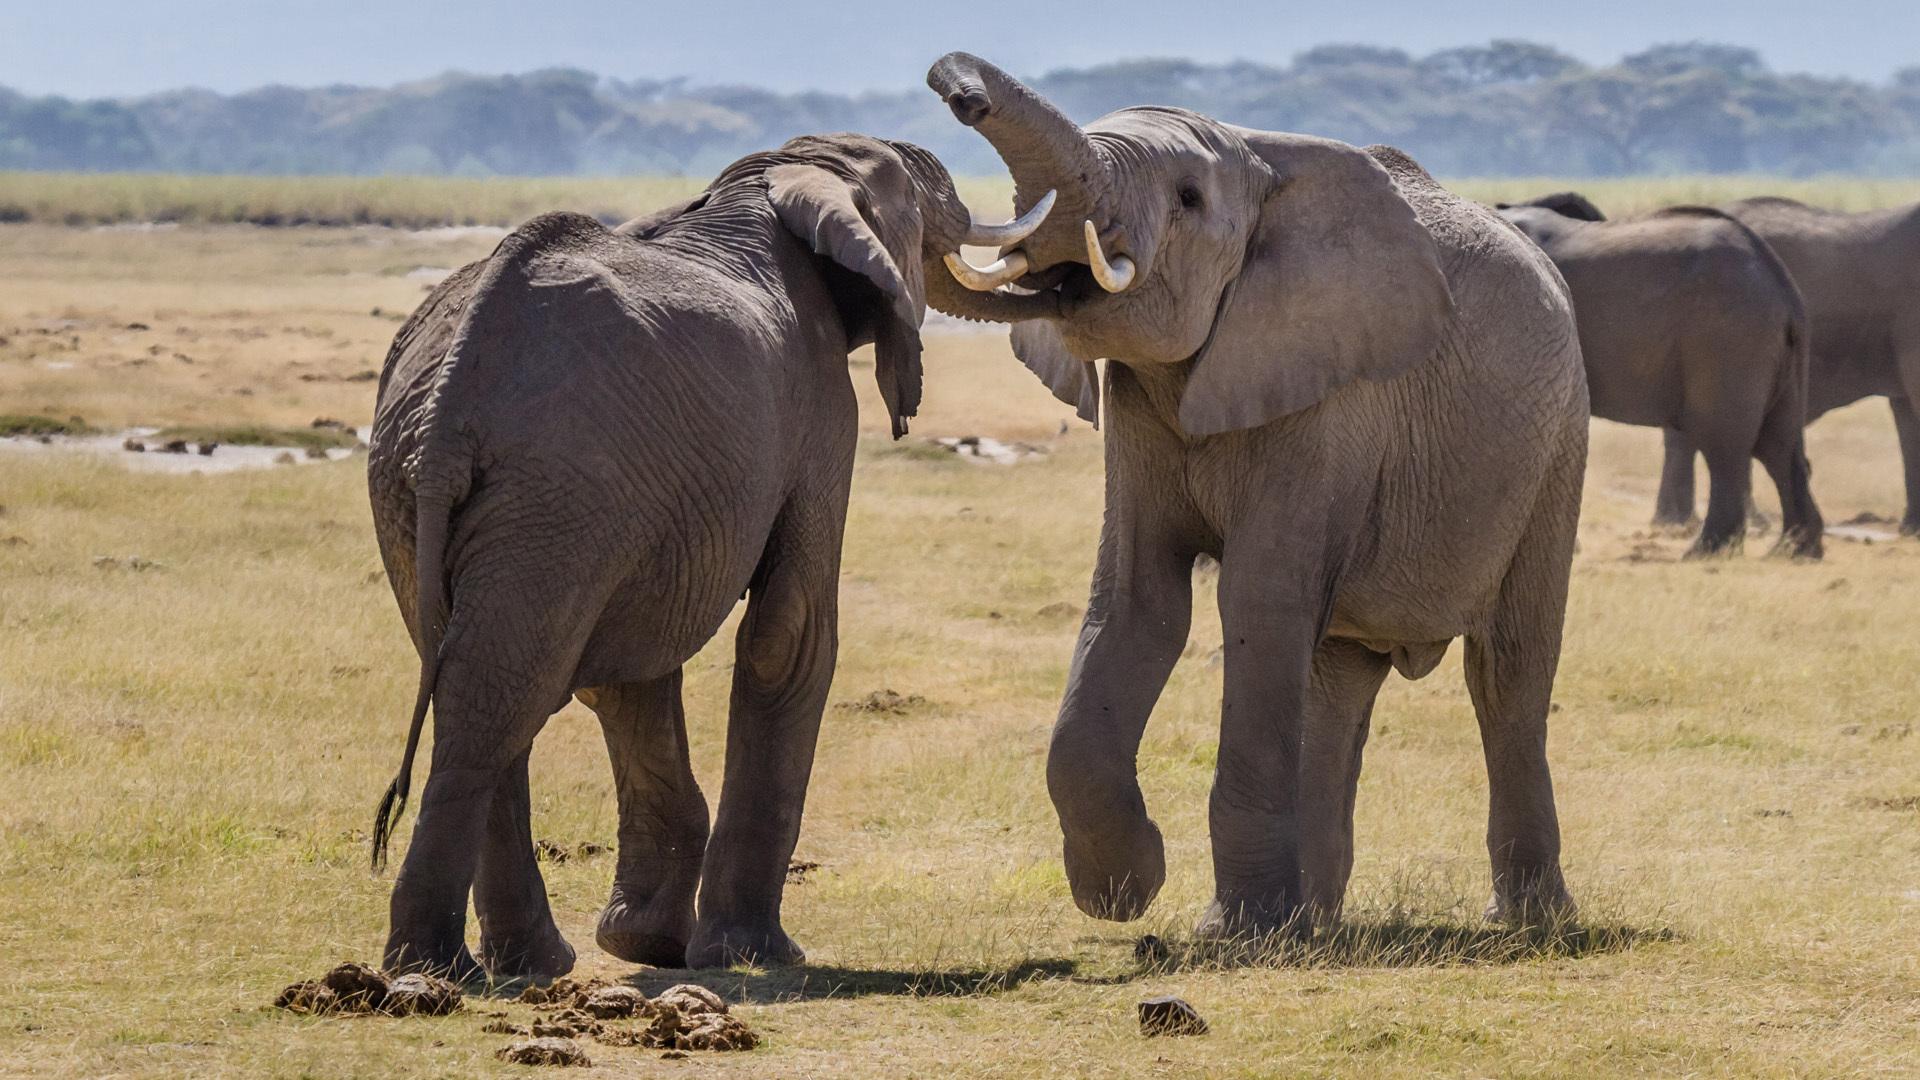 Elephant 4k